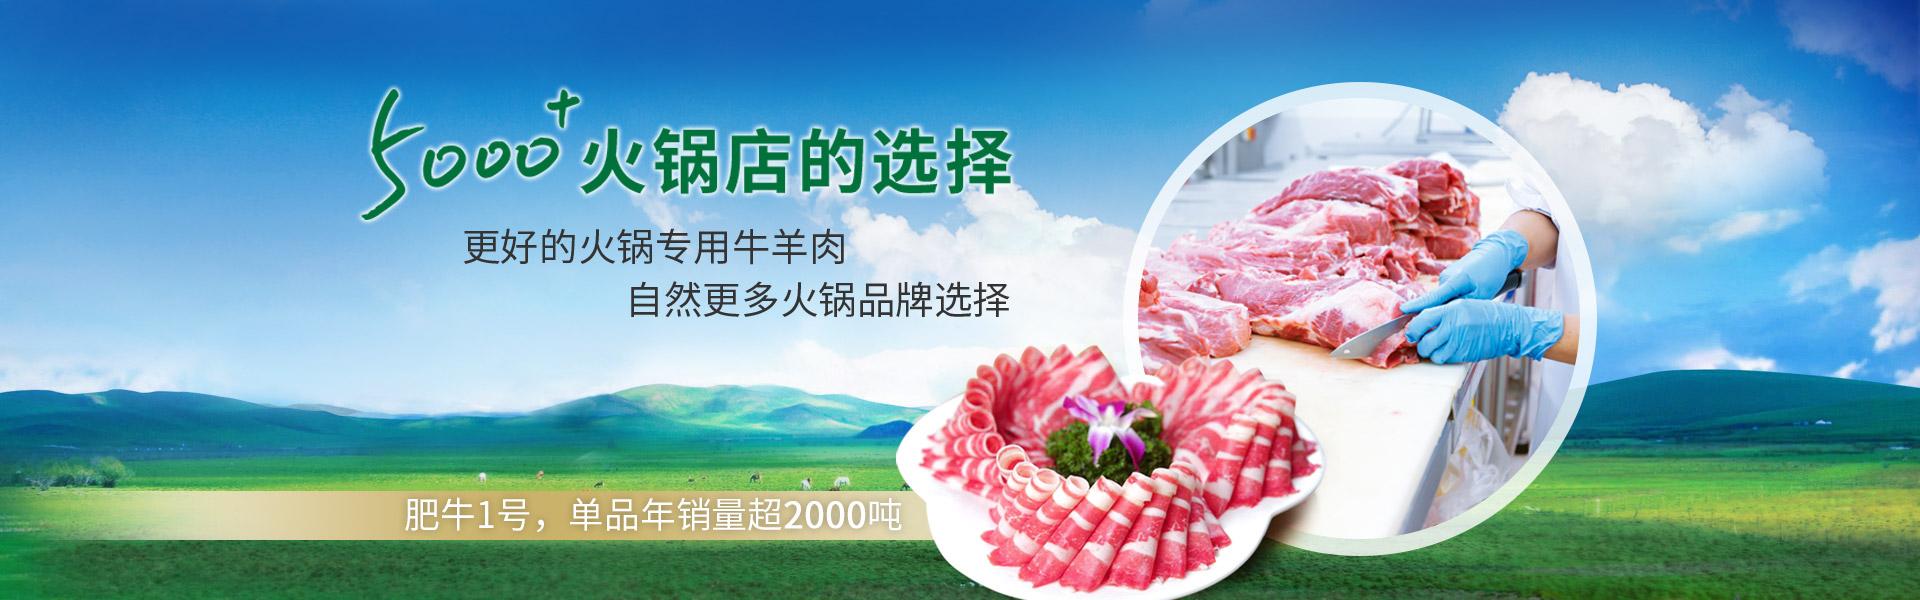 海之隆肥牛羊肉,5000+火锅店的选择